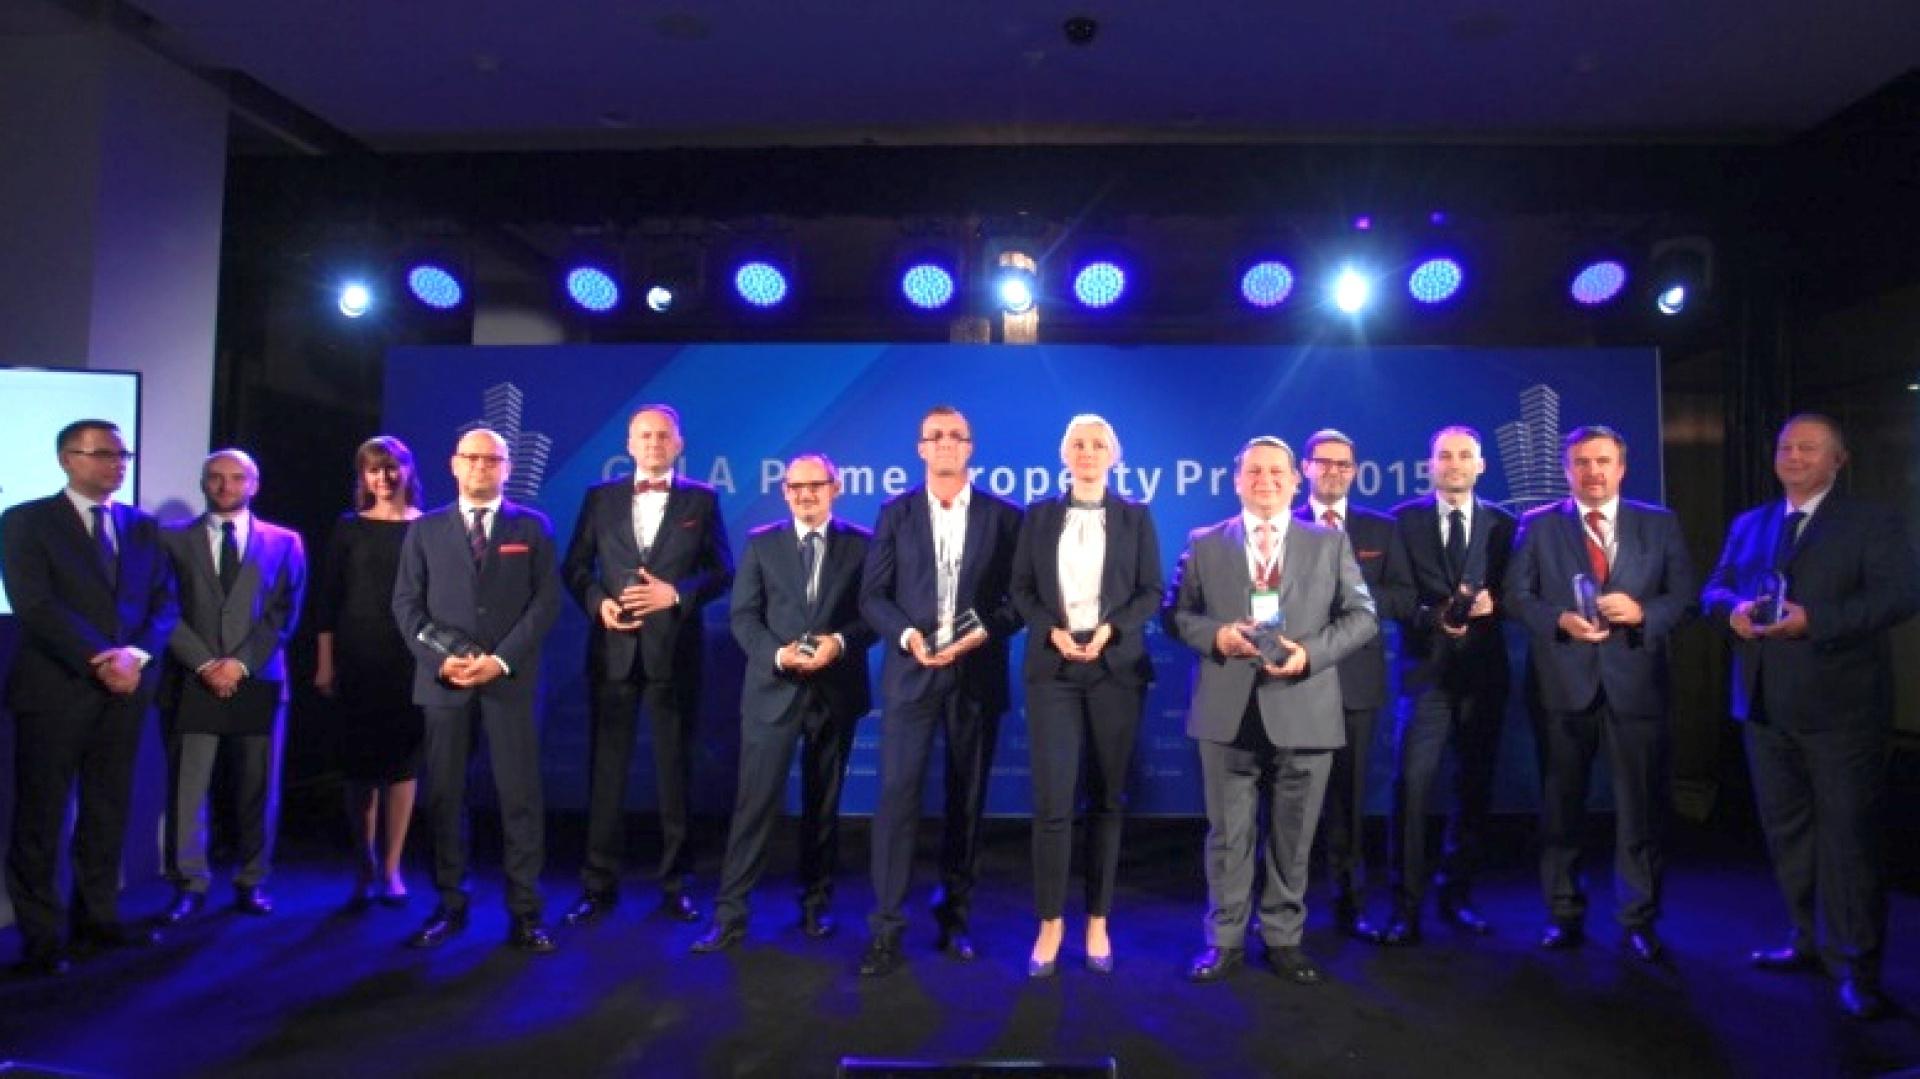 Konkurs Prime Property Prize 2015 ma za zadanie wyłonić  firmy oraz projekty, które w ostatnim roku miały największy  wpływ na wydarzenia na rynku nieruchomości komercyjnych, a  także osobistości, których spektakularne działania odegrały  kluczową rolę w rozwoju całej branży.  Uroczysta Gala  wręczenia nagród Prime Property Prize 2015, odbyła się w  Domu Mody VitKac. Fot. PTWP